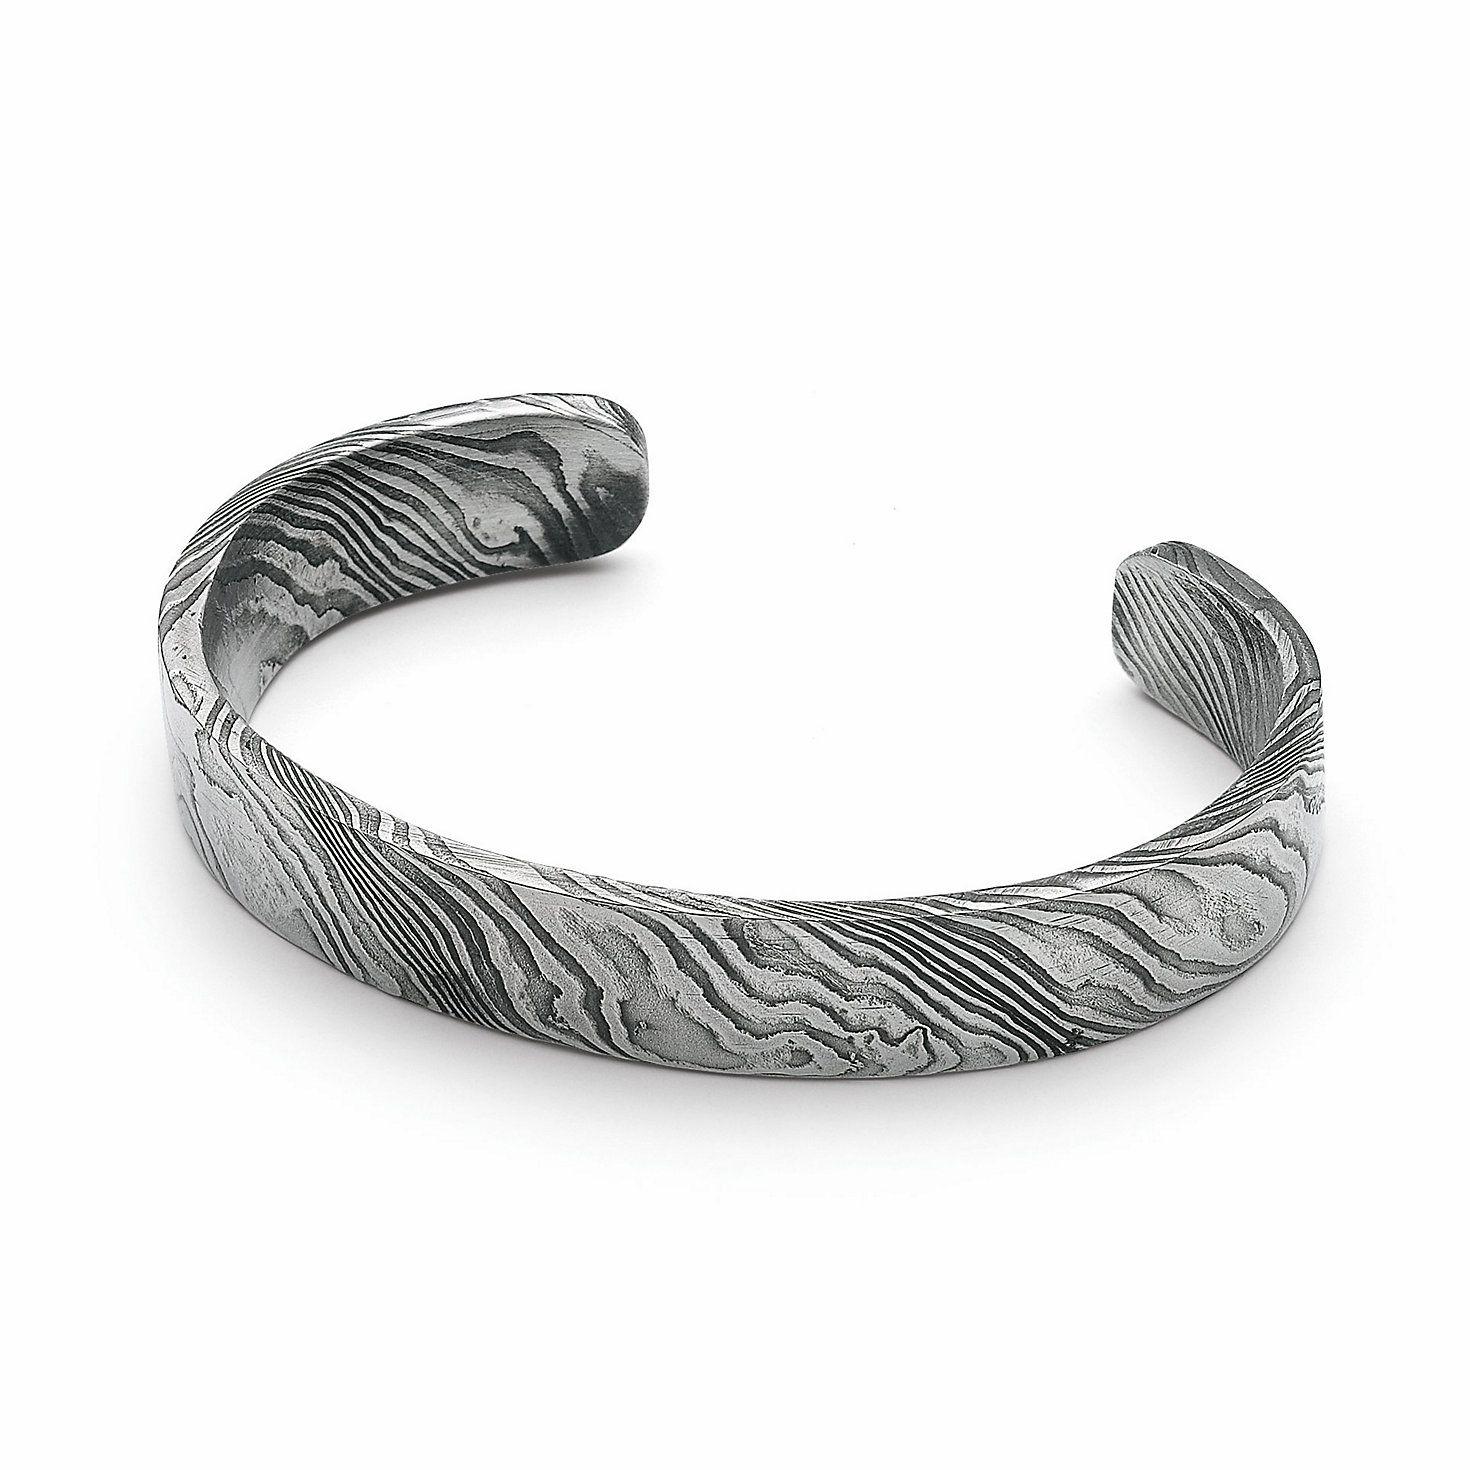 Raw Damascus Steel Bracelet Narrow Manufactum Mens Silver Jewelry Stainless Steel Bracelet Men Steel Bracelet